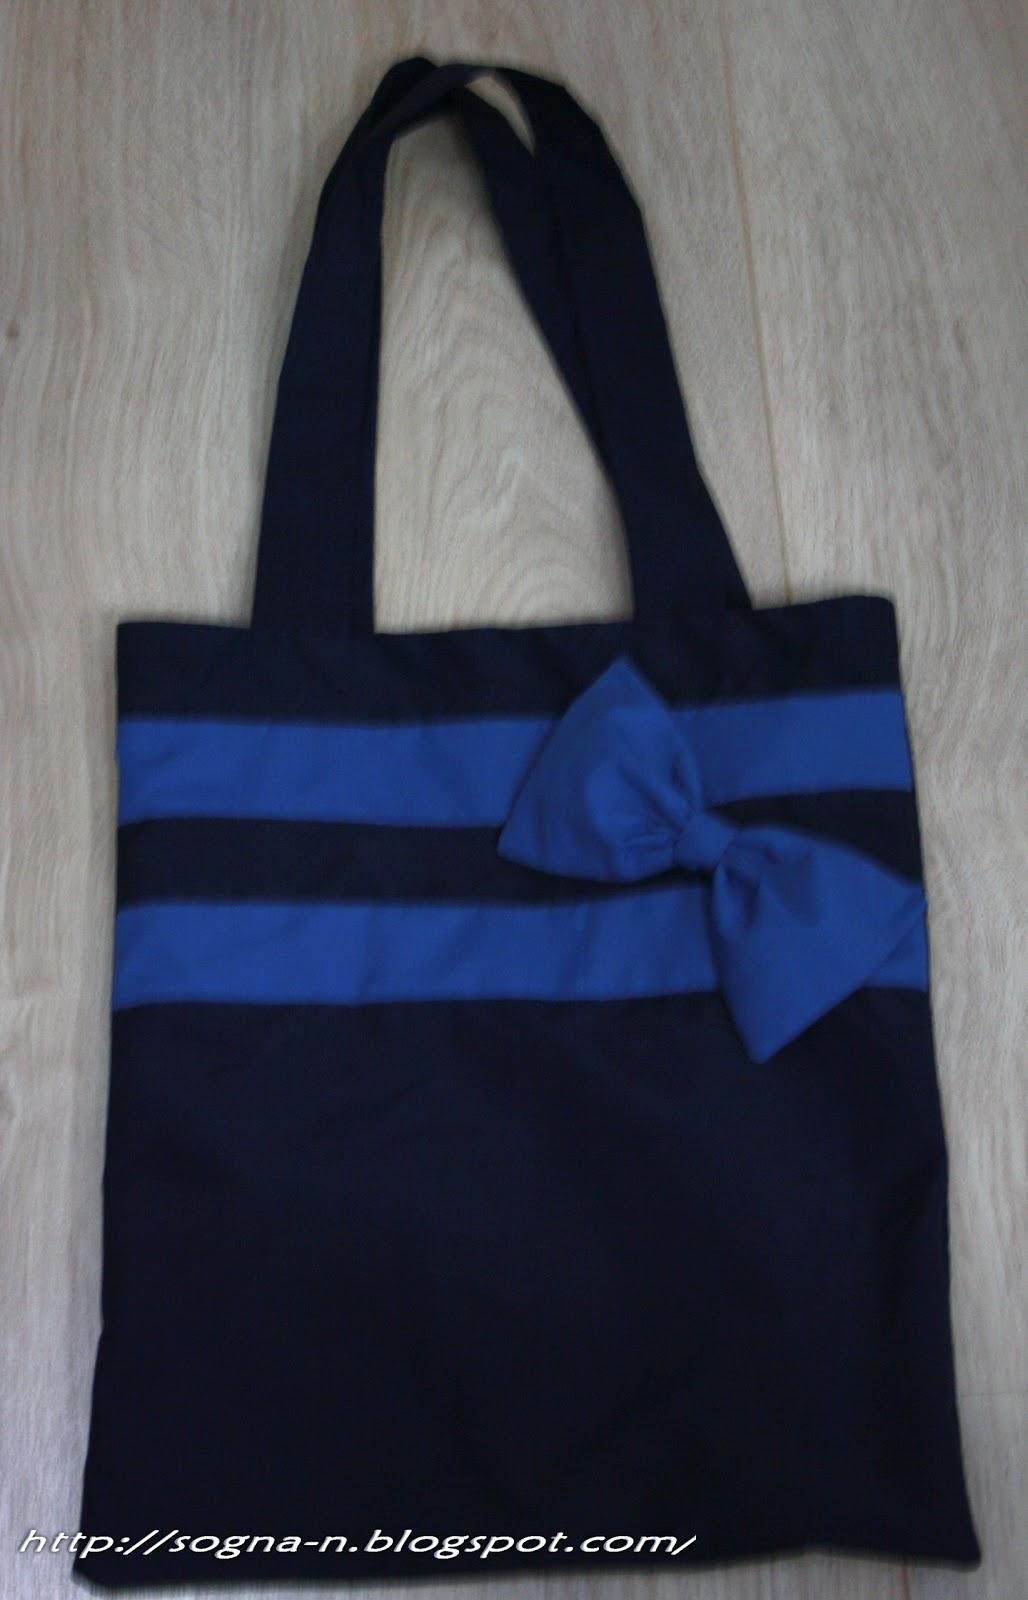 Как сшить сумку своими руками мастер класс - Свалять сшить сумку своими руками Мастер класс Выкройки Фото